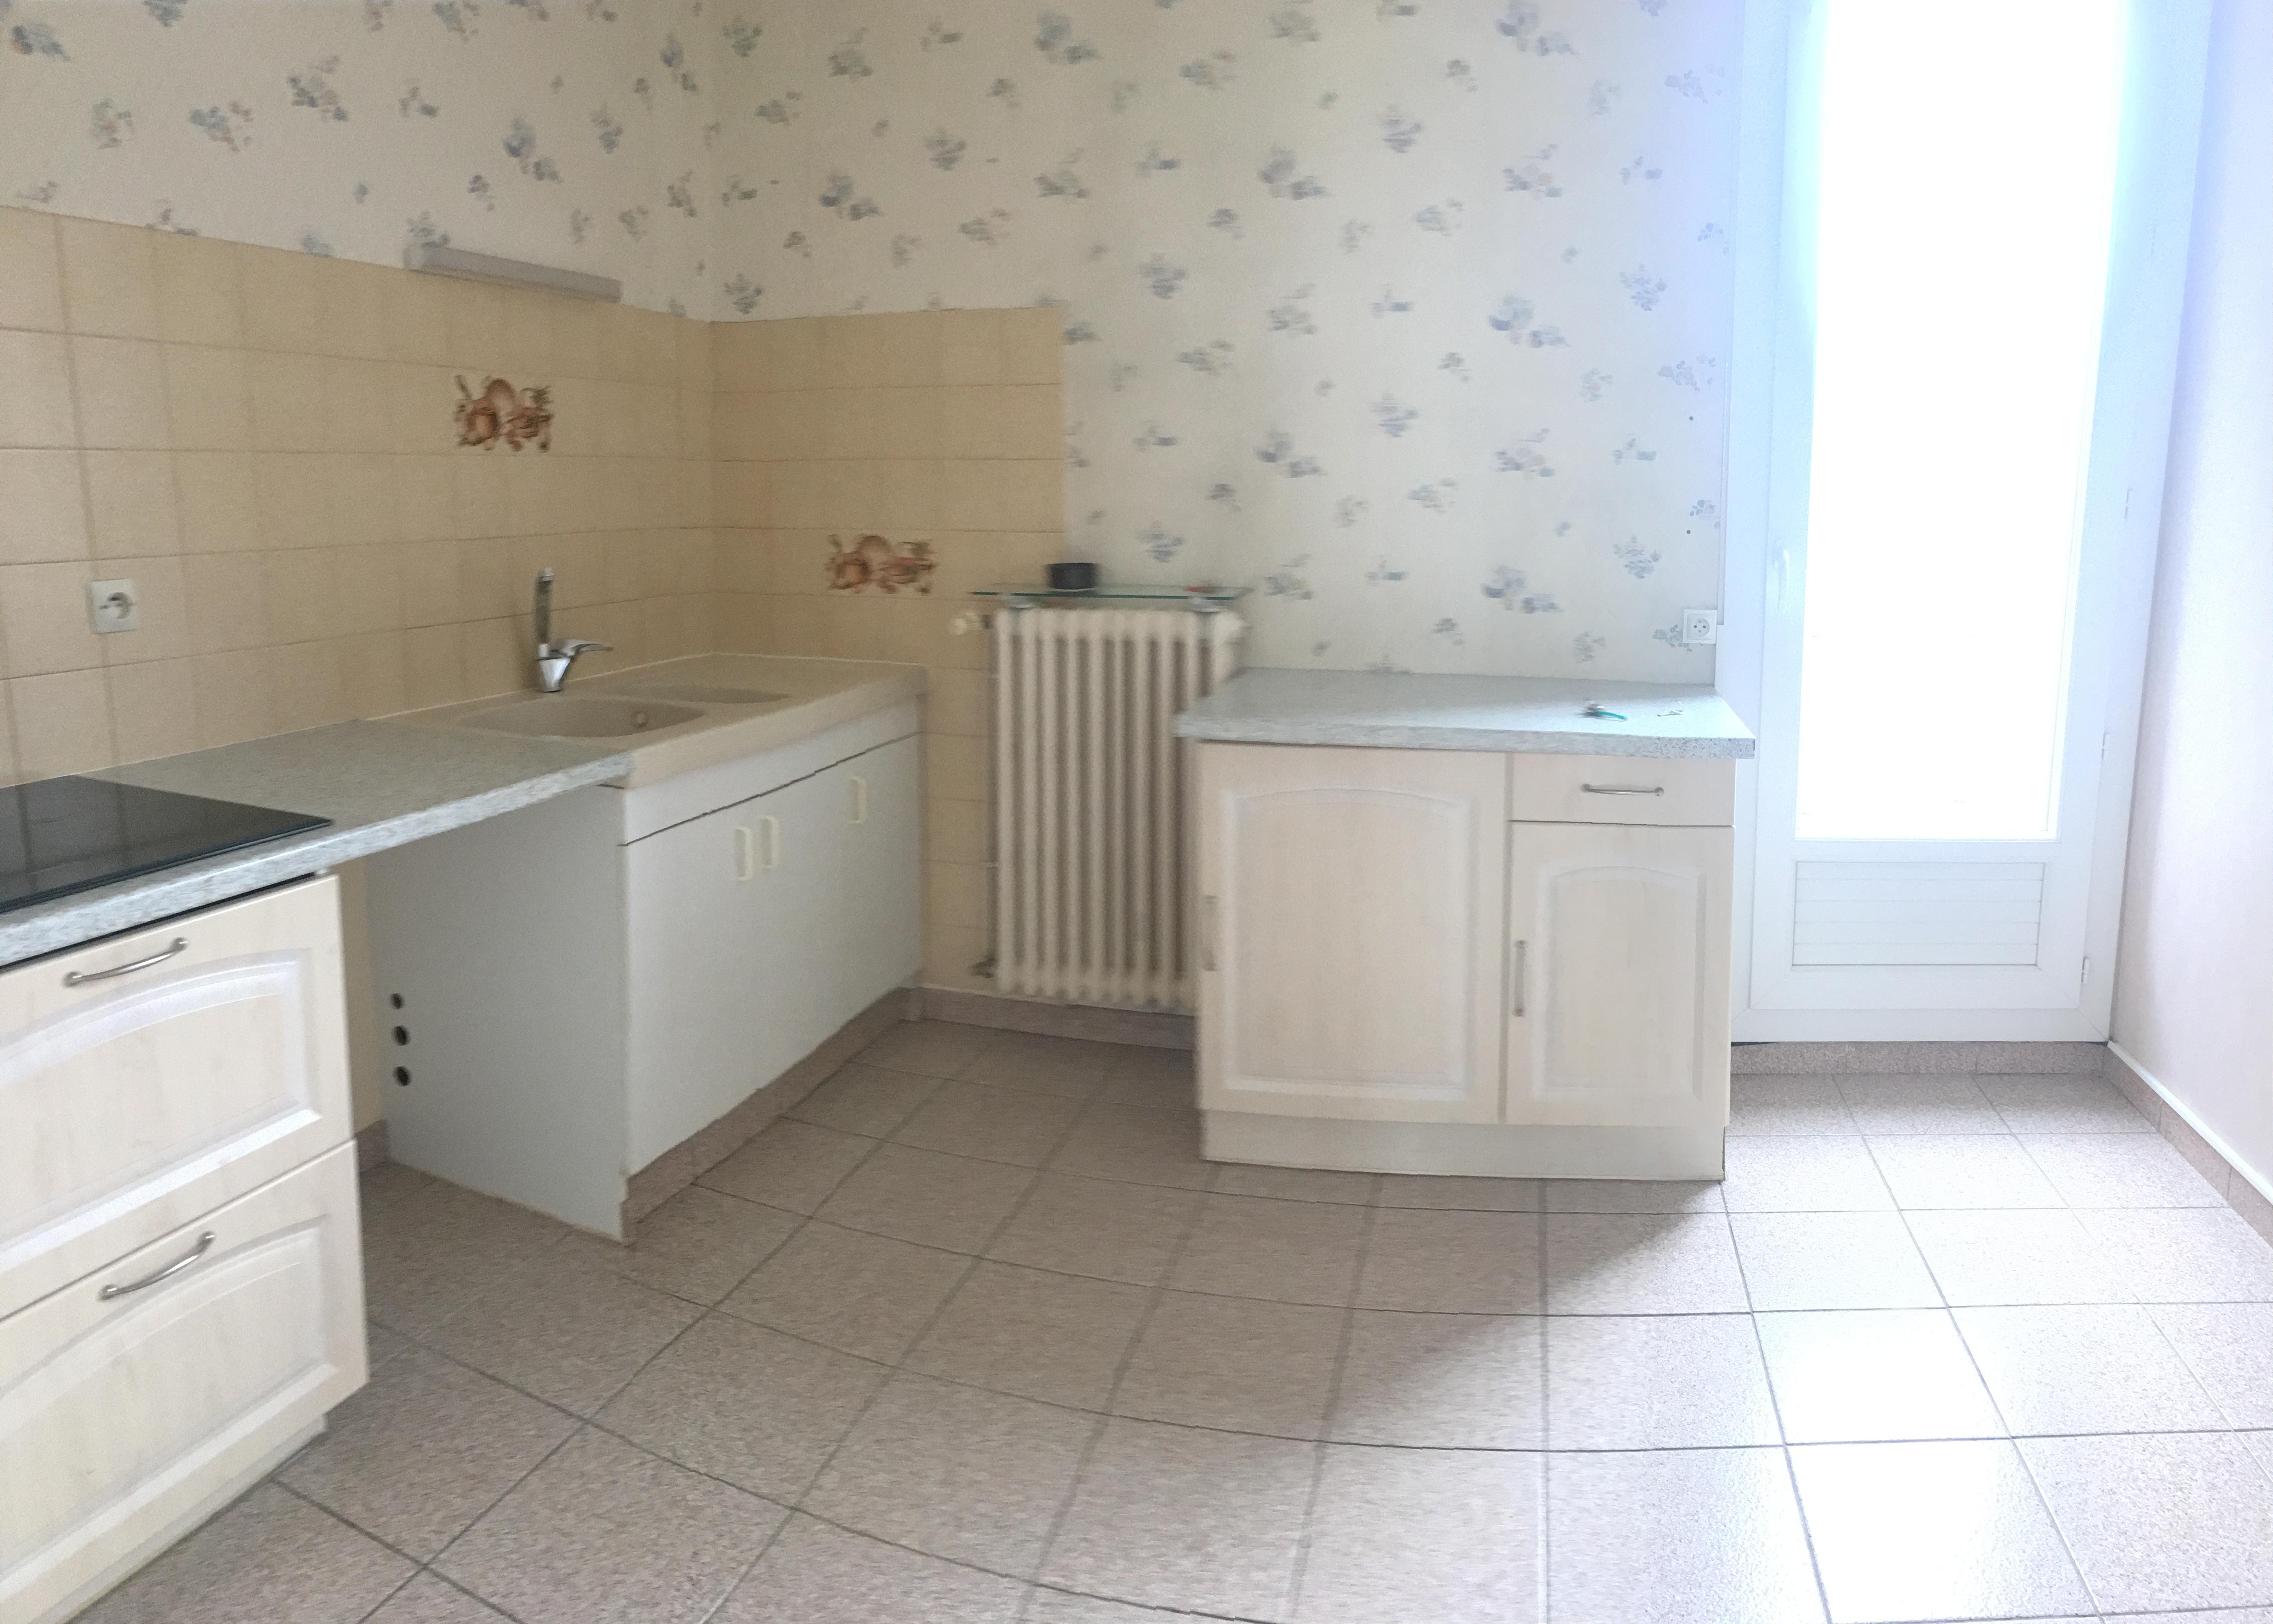 Appartement 3 Pièce(s) COURNON D'AUVERGNE (63800) 125000 €